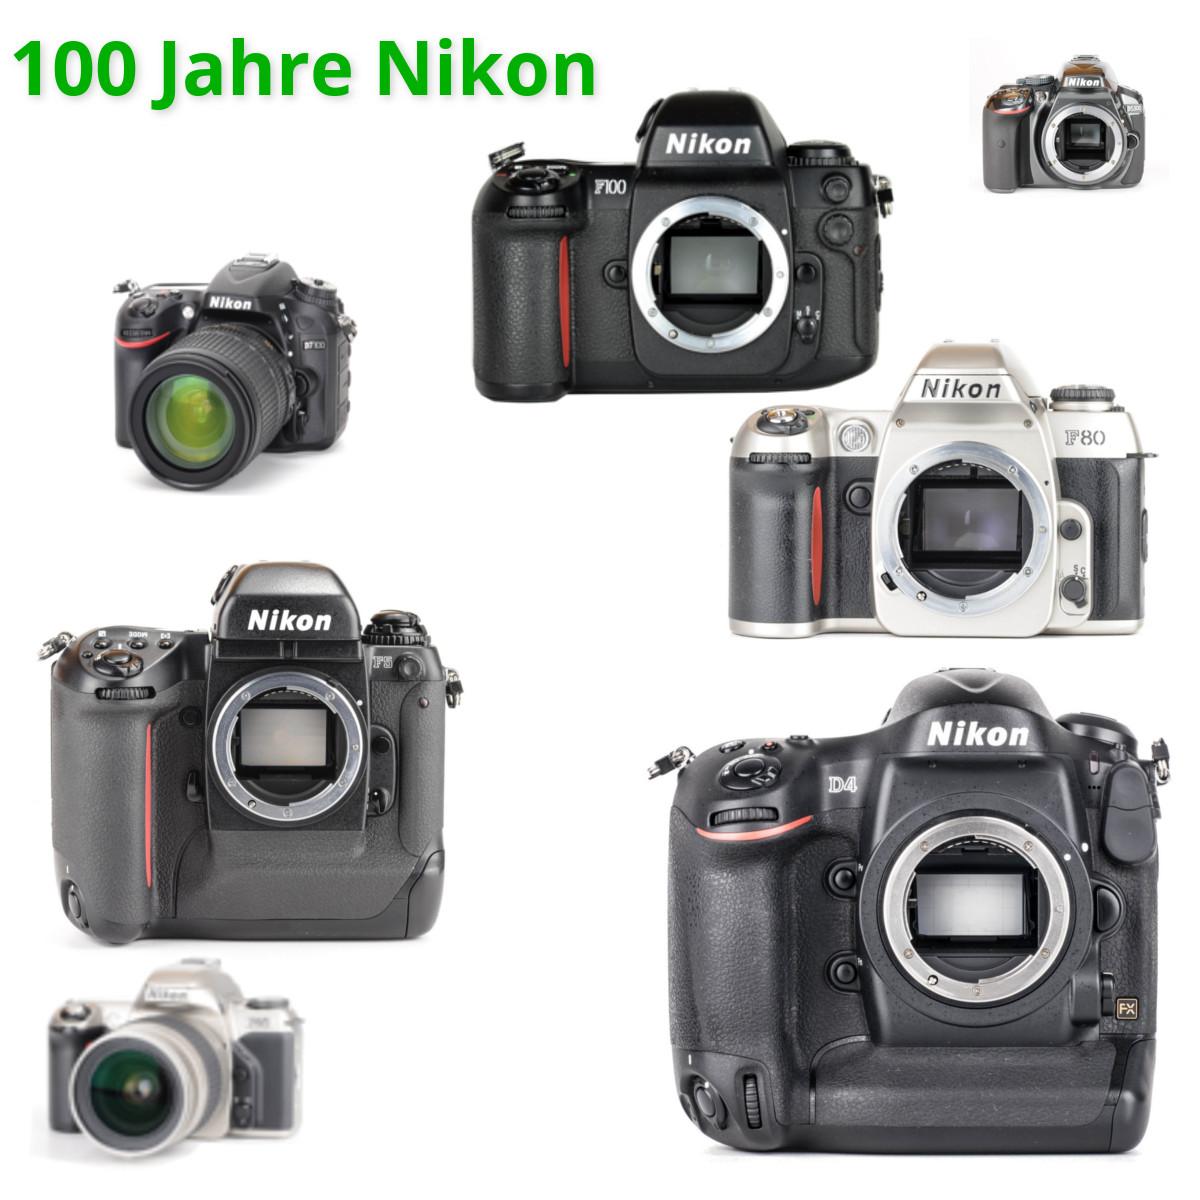 Nikon wird 100 Jahre alt! Und wir geben bis zu 100€ Rabatt!